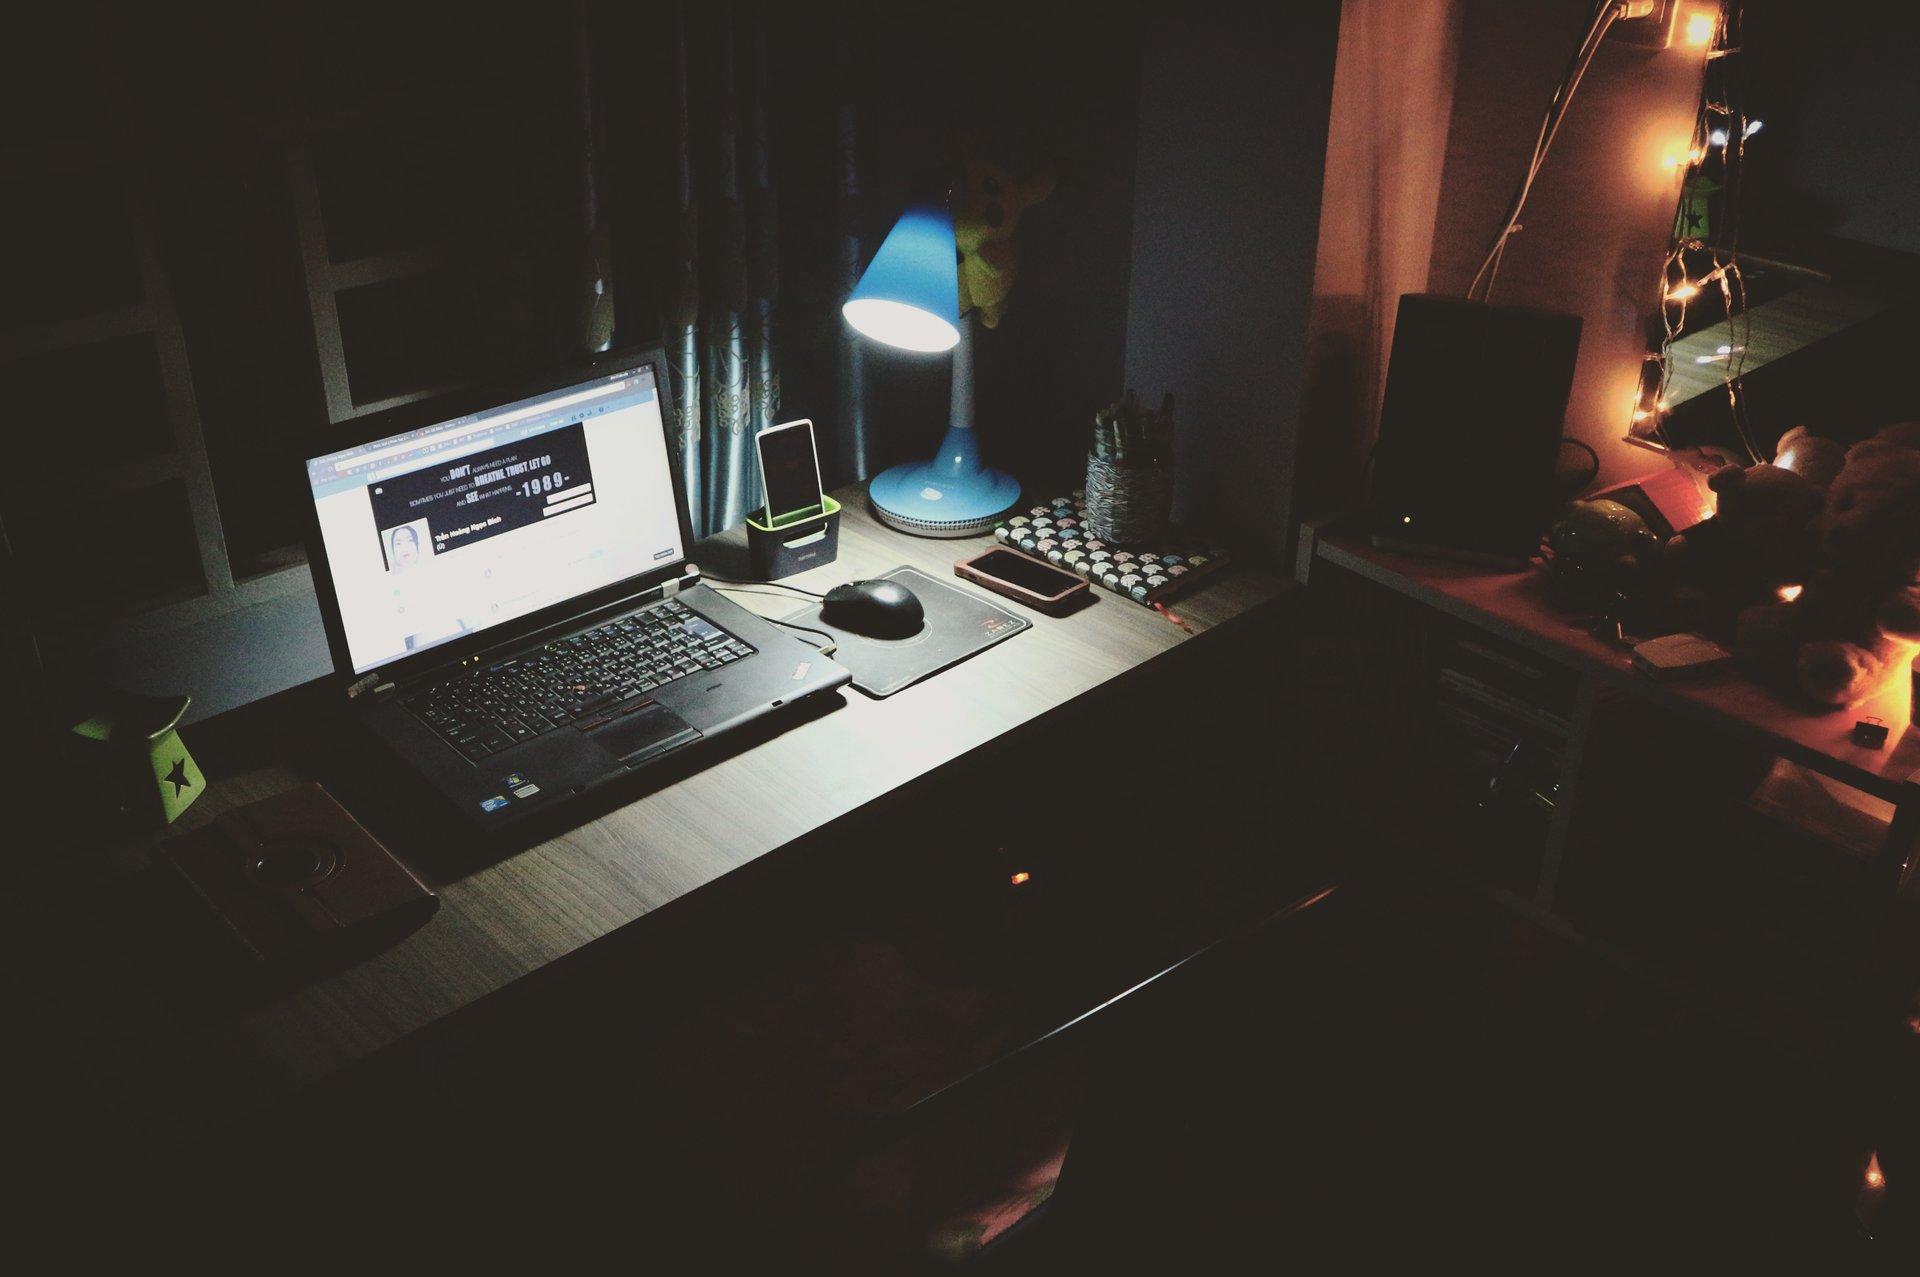 PC på mørkt skrivebord